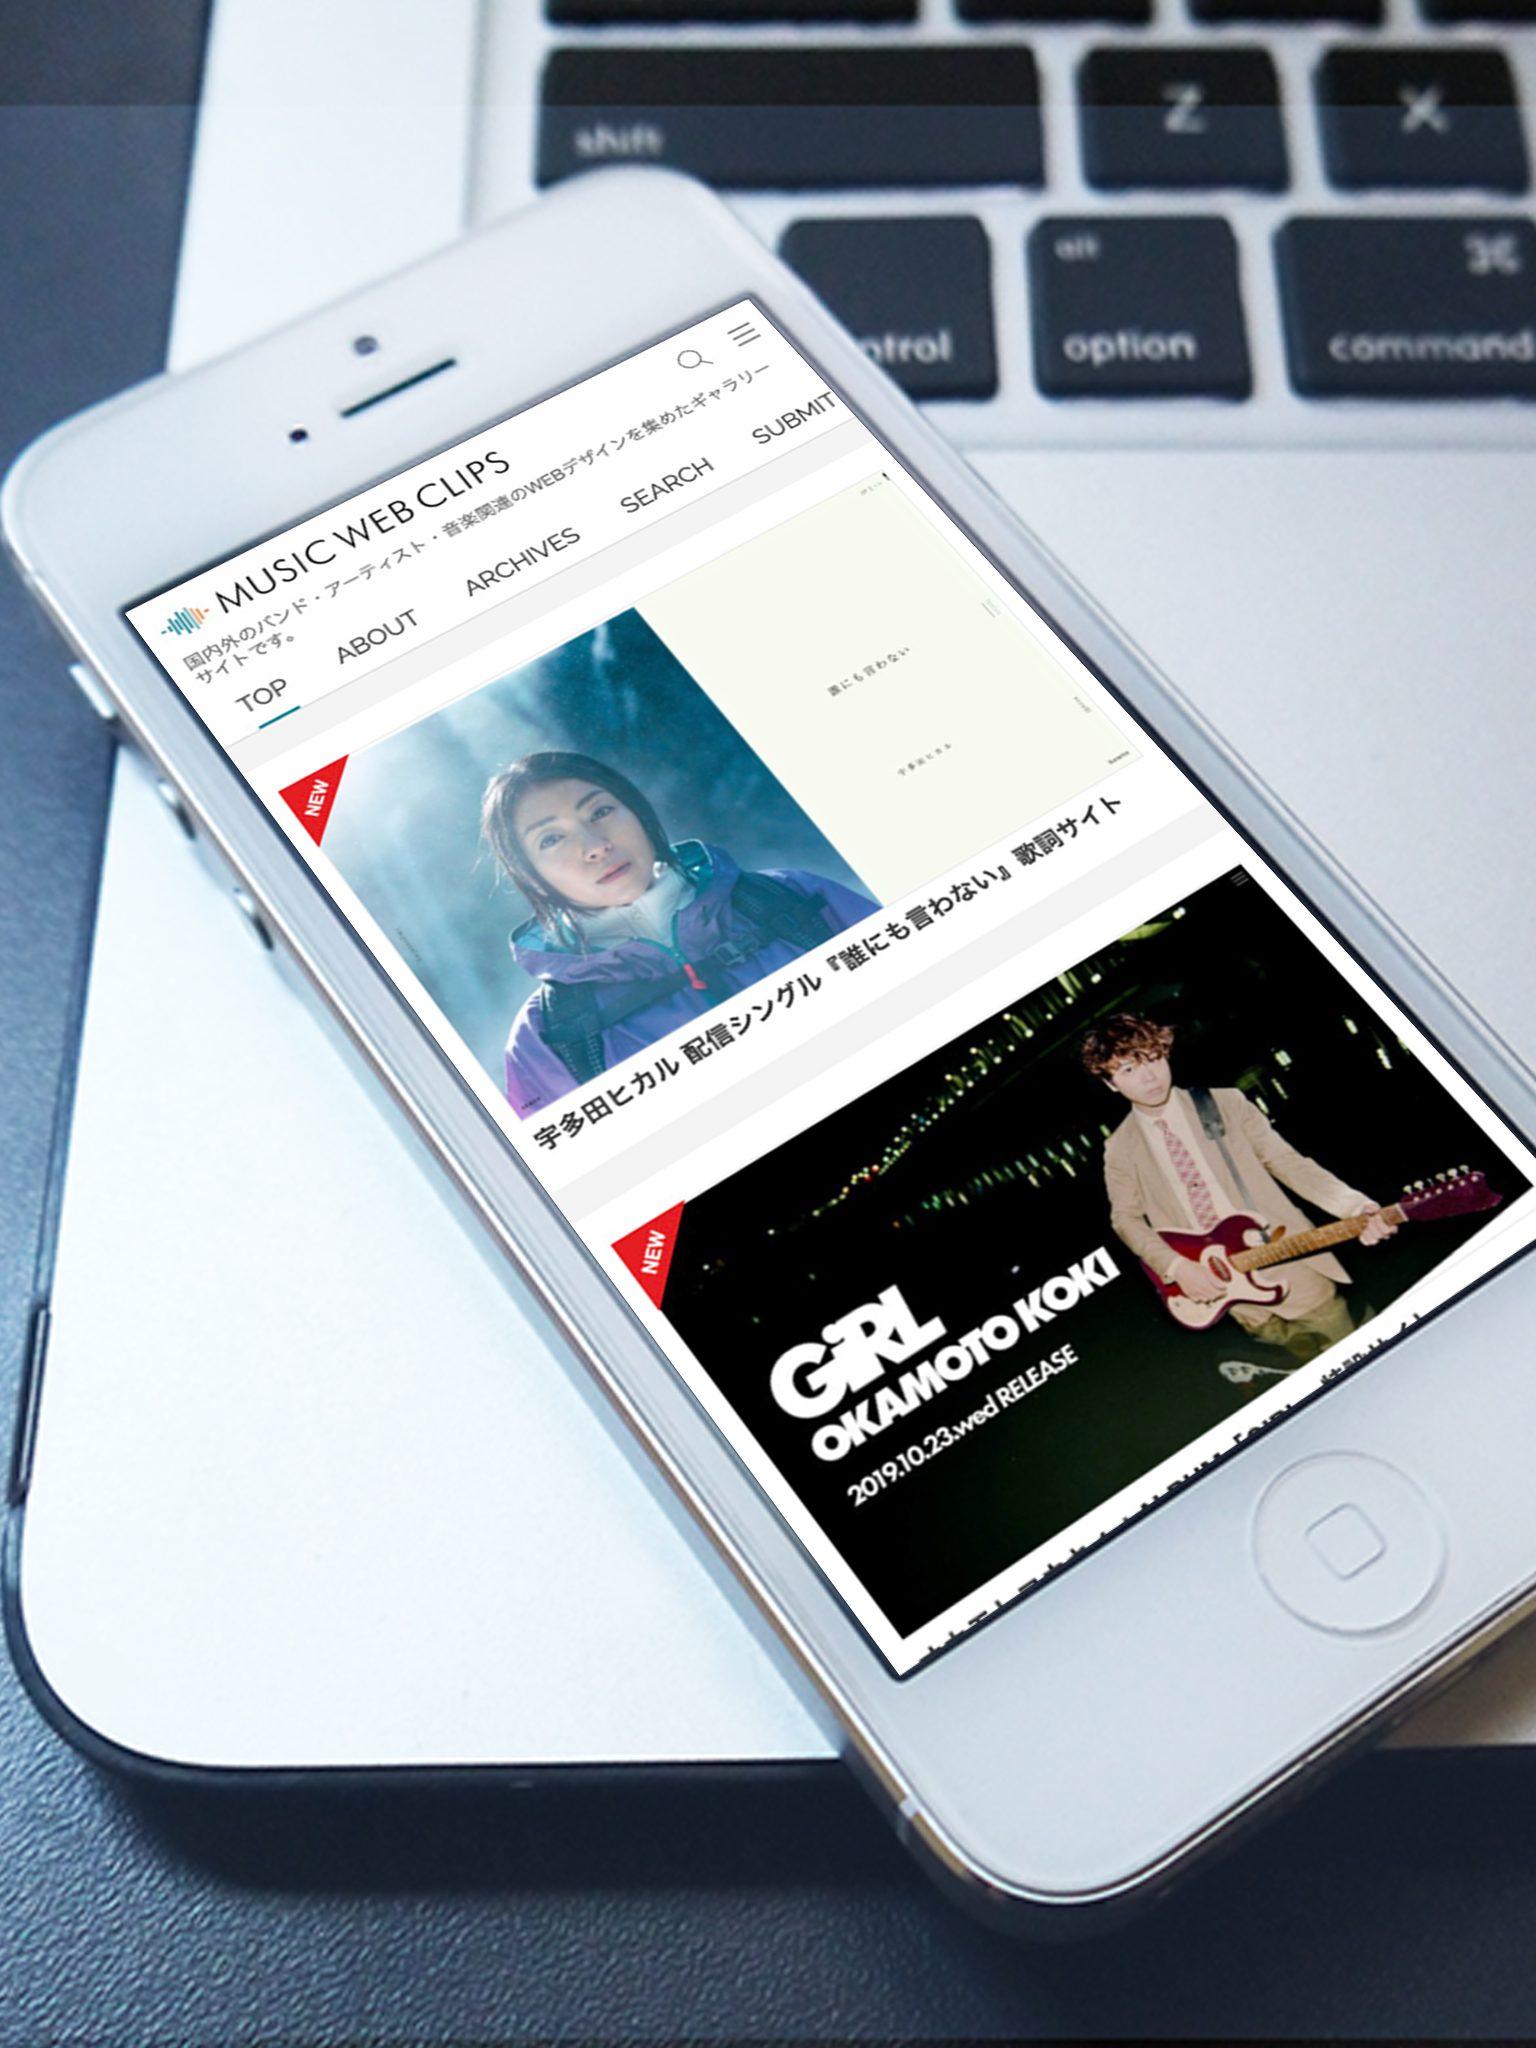 MUSIC WEB CLIPS WEB SITE